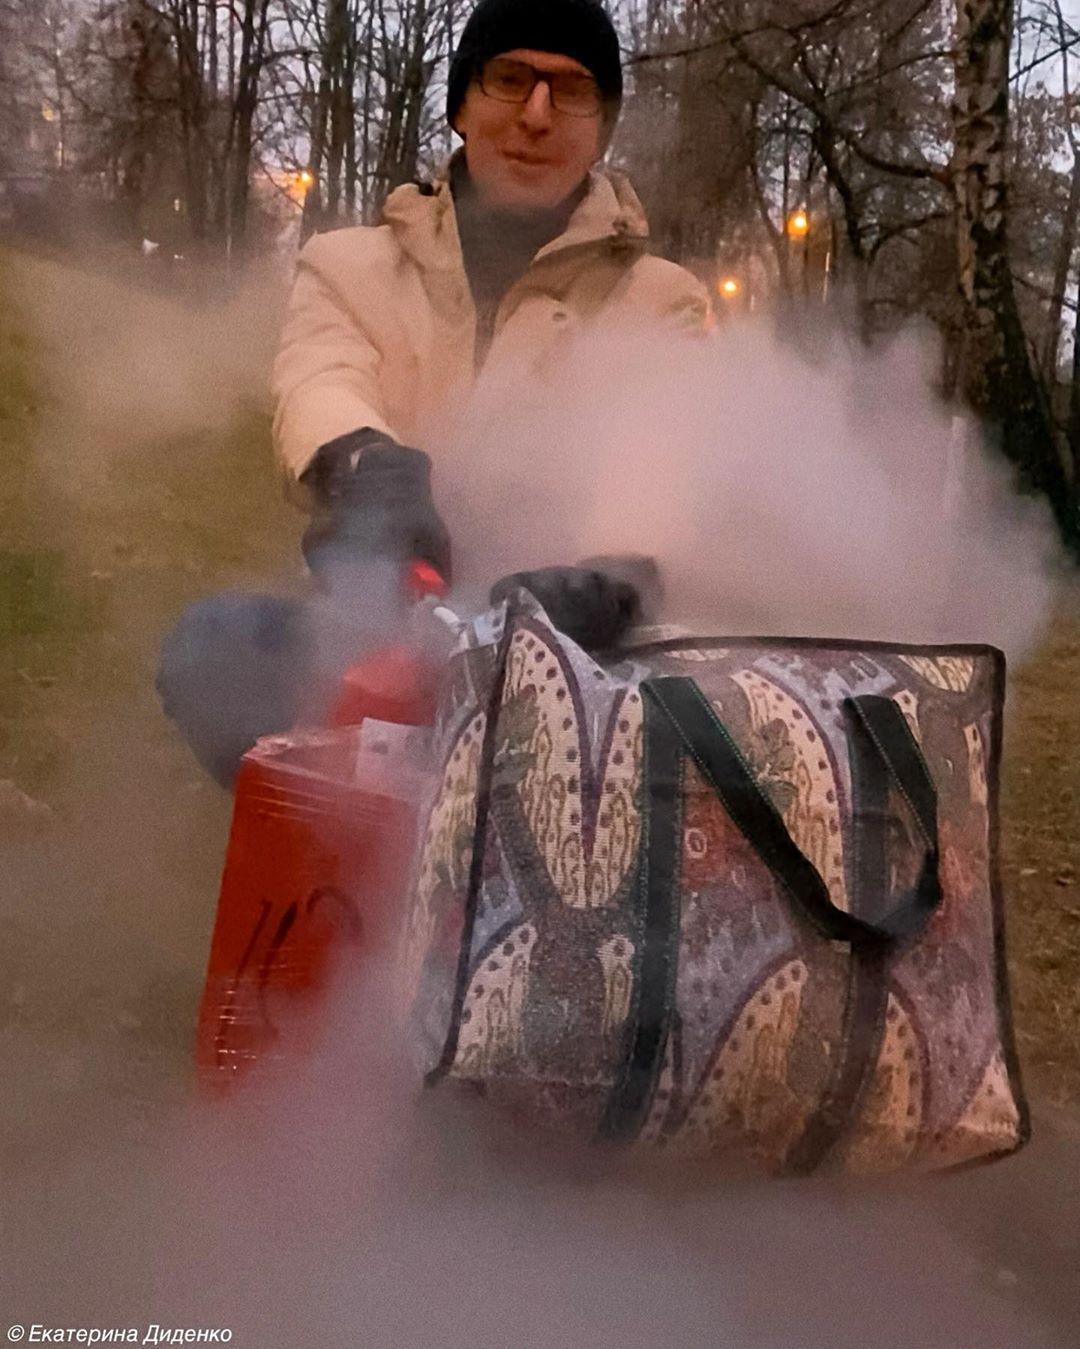 Неожиданно, да? На фото один Валя! Залайкаете его с дебютом?) Произошёл прорыв: он сам придумал, сам все купил, и провёл эксперимент, а не я) Видели в сториз? Это просто бомба: Что получится, если взять огнетушитель, сумку, швабру. Поджечь.... И реально, получается бомба!!!